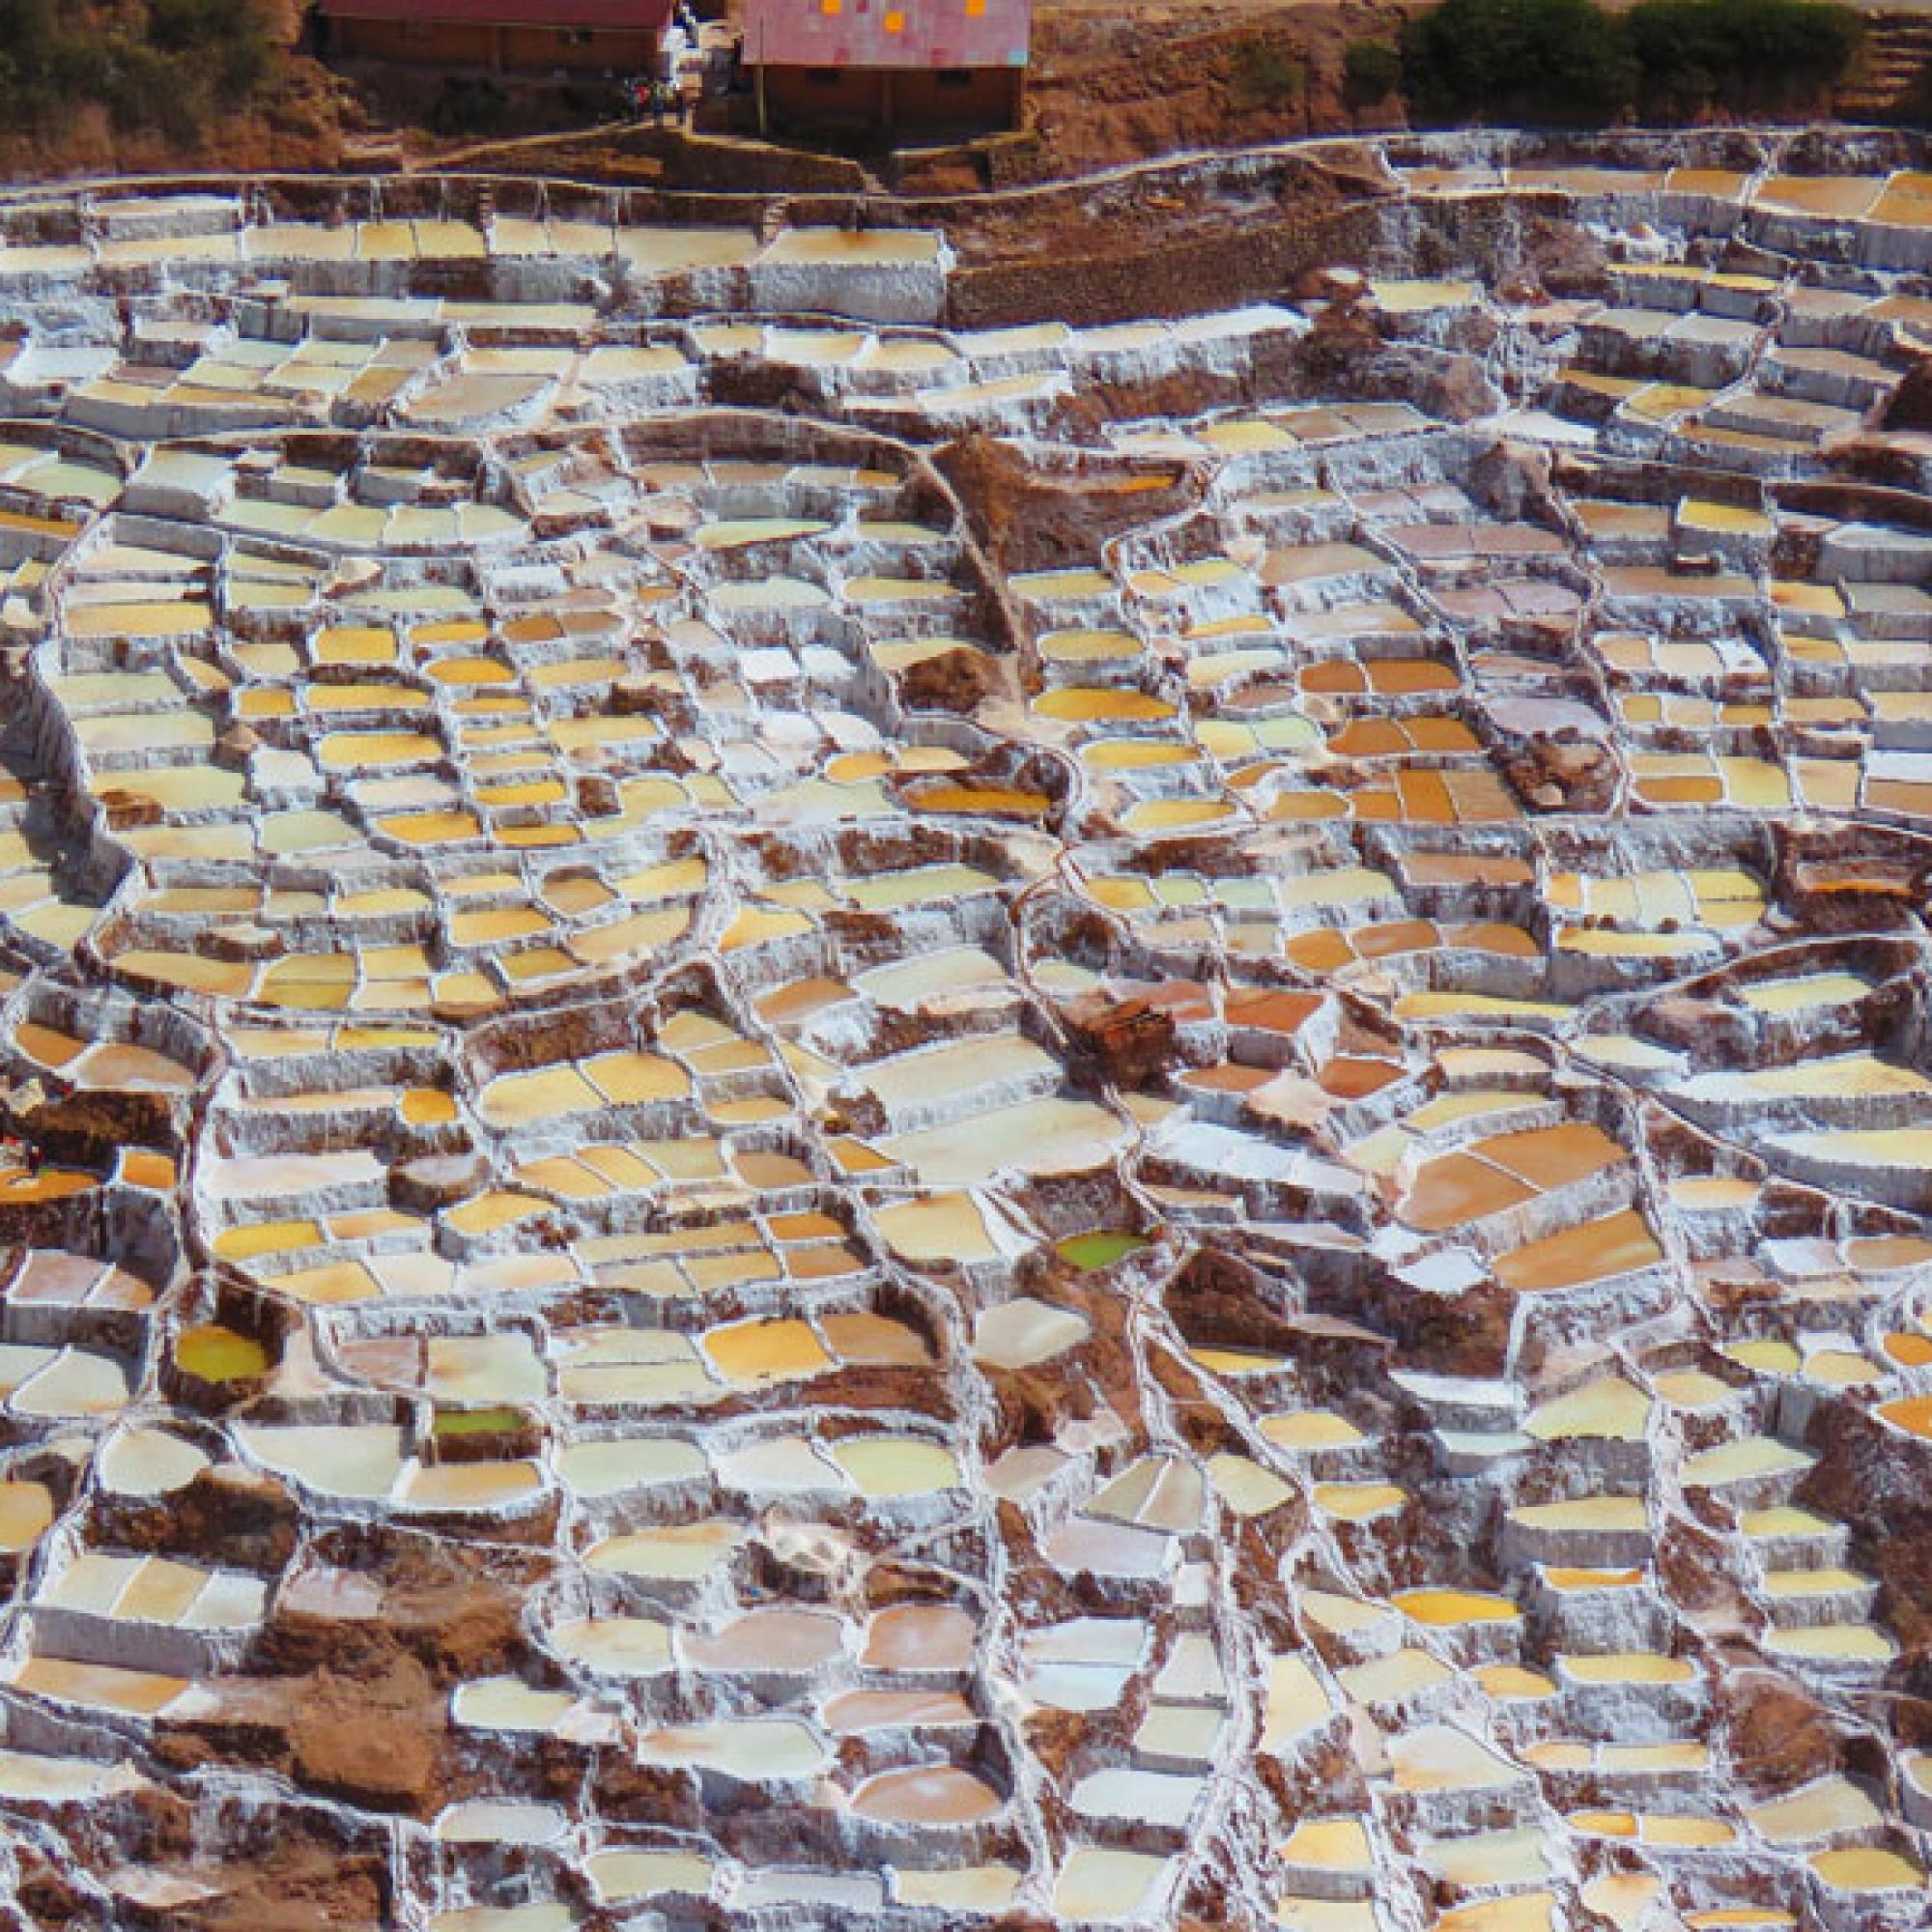 Fast wie ein gemaltes Bild: Die Salzfelder in der Luftaufnahme. (Bild: jdbenthien / pixabay.com)